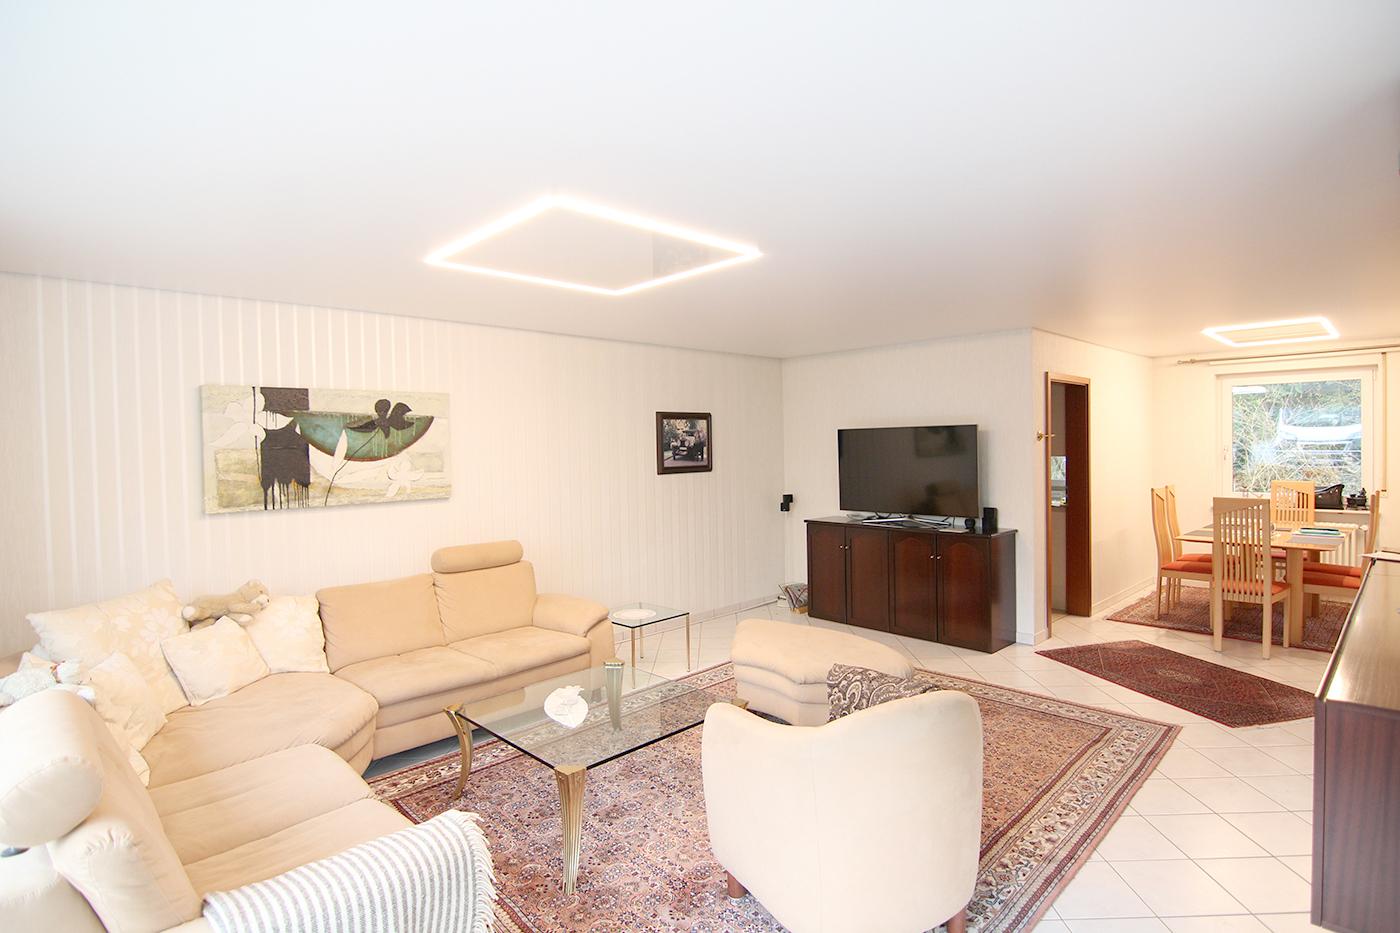 Spanndecke im Wohnzimmer – Neuenstein – Spanndeckenstudio